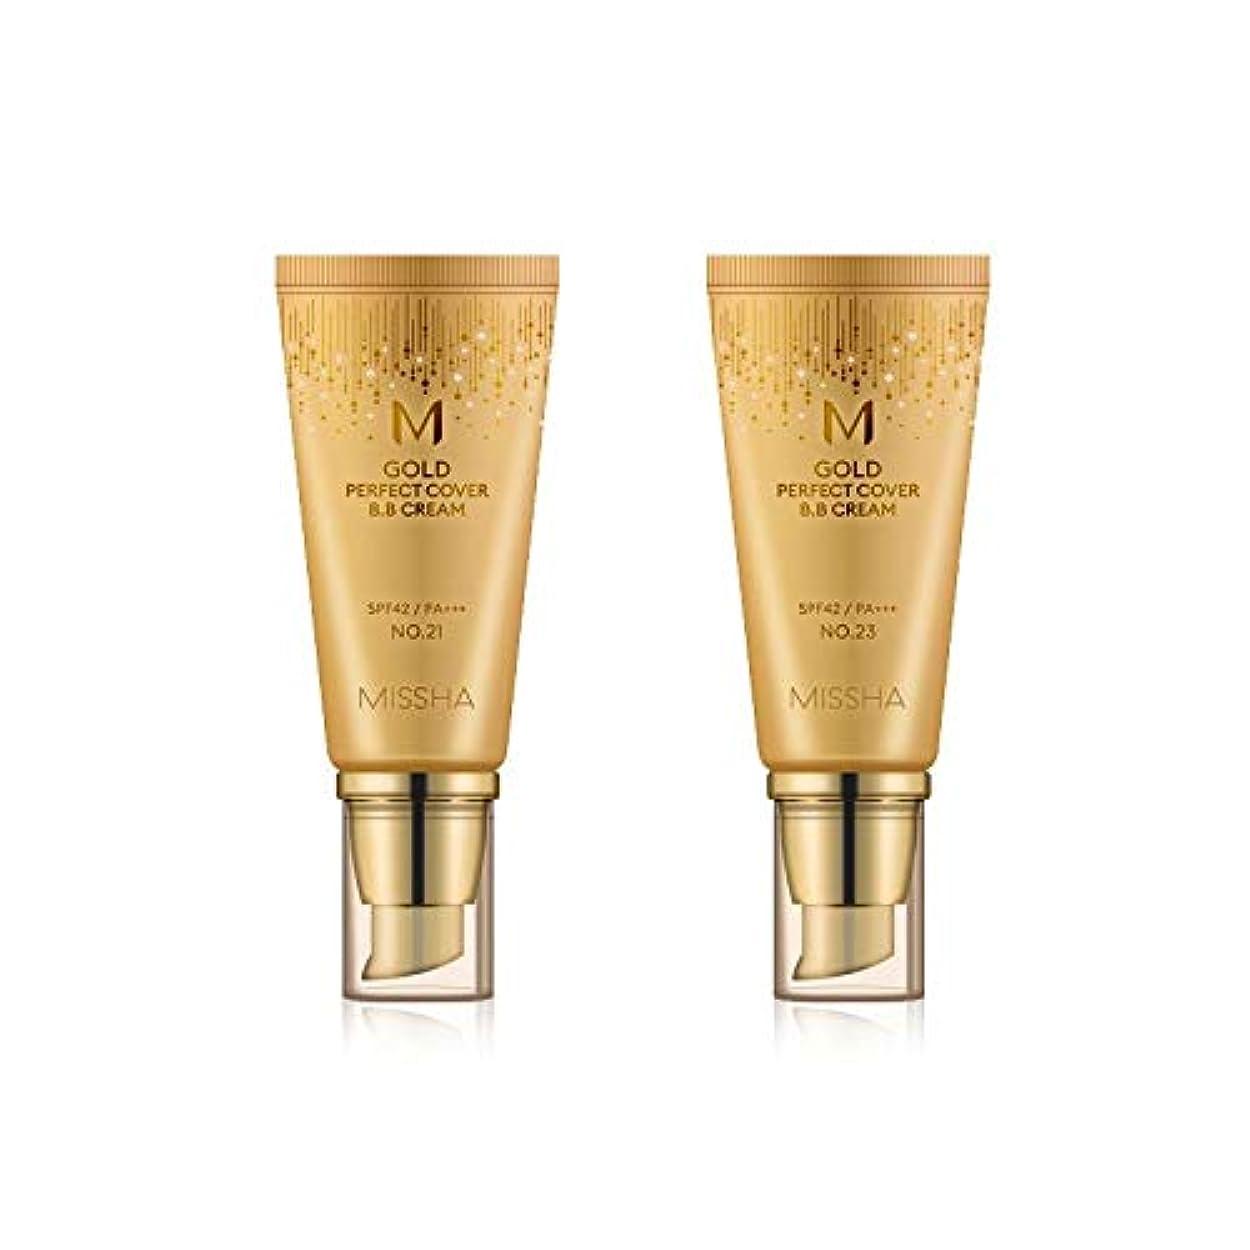 あいまいなペダル精巧なMISSHA Gold Perfecte Cover BB Cream SPF42 PA+++ / ミシャ ゴールド パーフェクト カバー BBクリーム 50ml *NO.23 [並行輸入品]